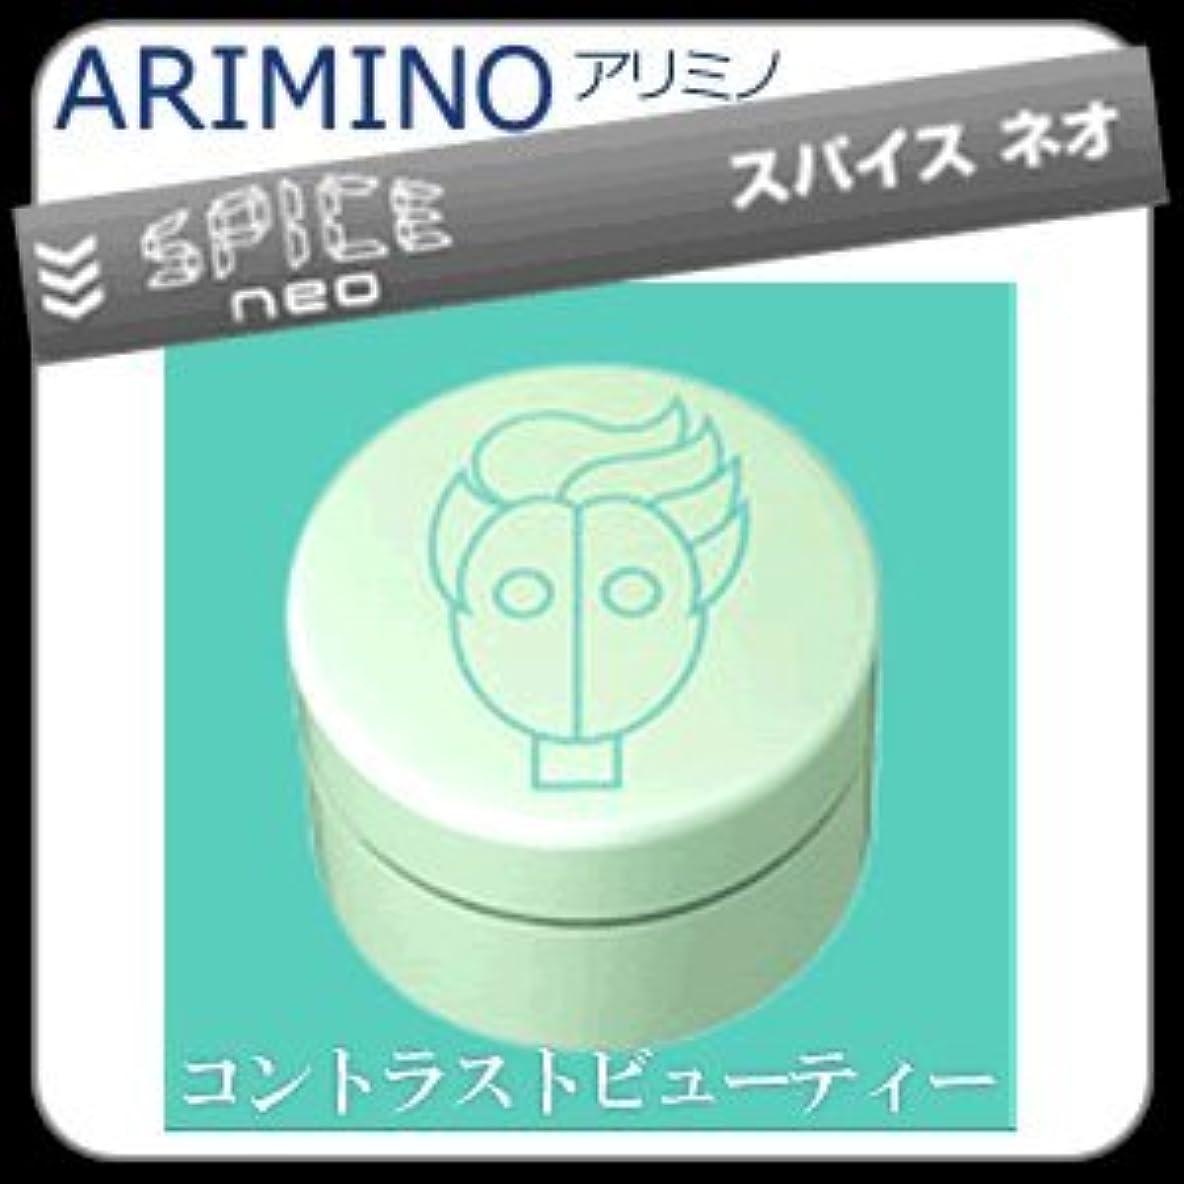 加入感染する捨てる【X3個セット】 アリミノ スパイスネオ GREASE-WAX グリースワックス 100g ARIMINO SPICE neo